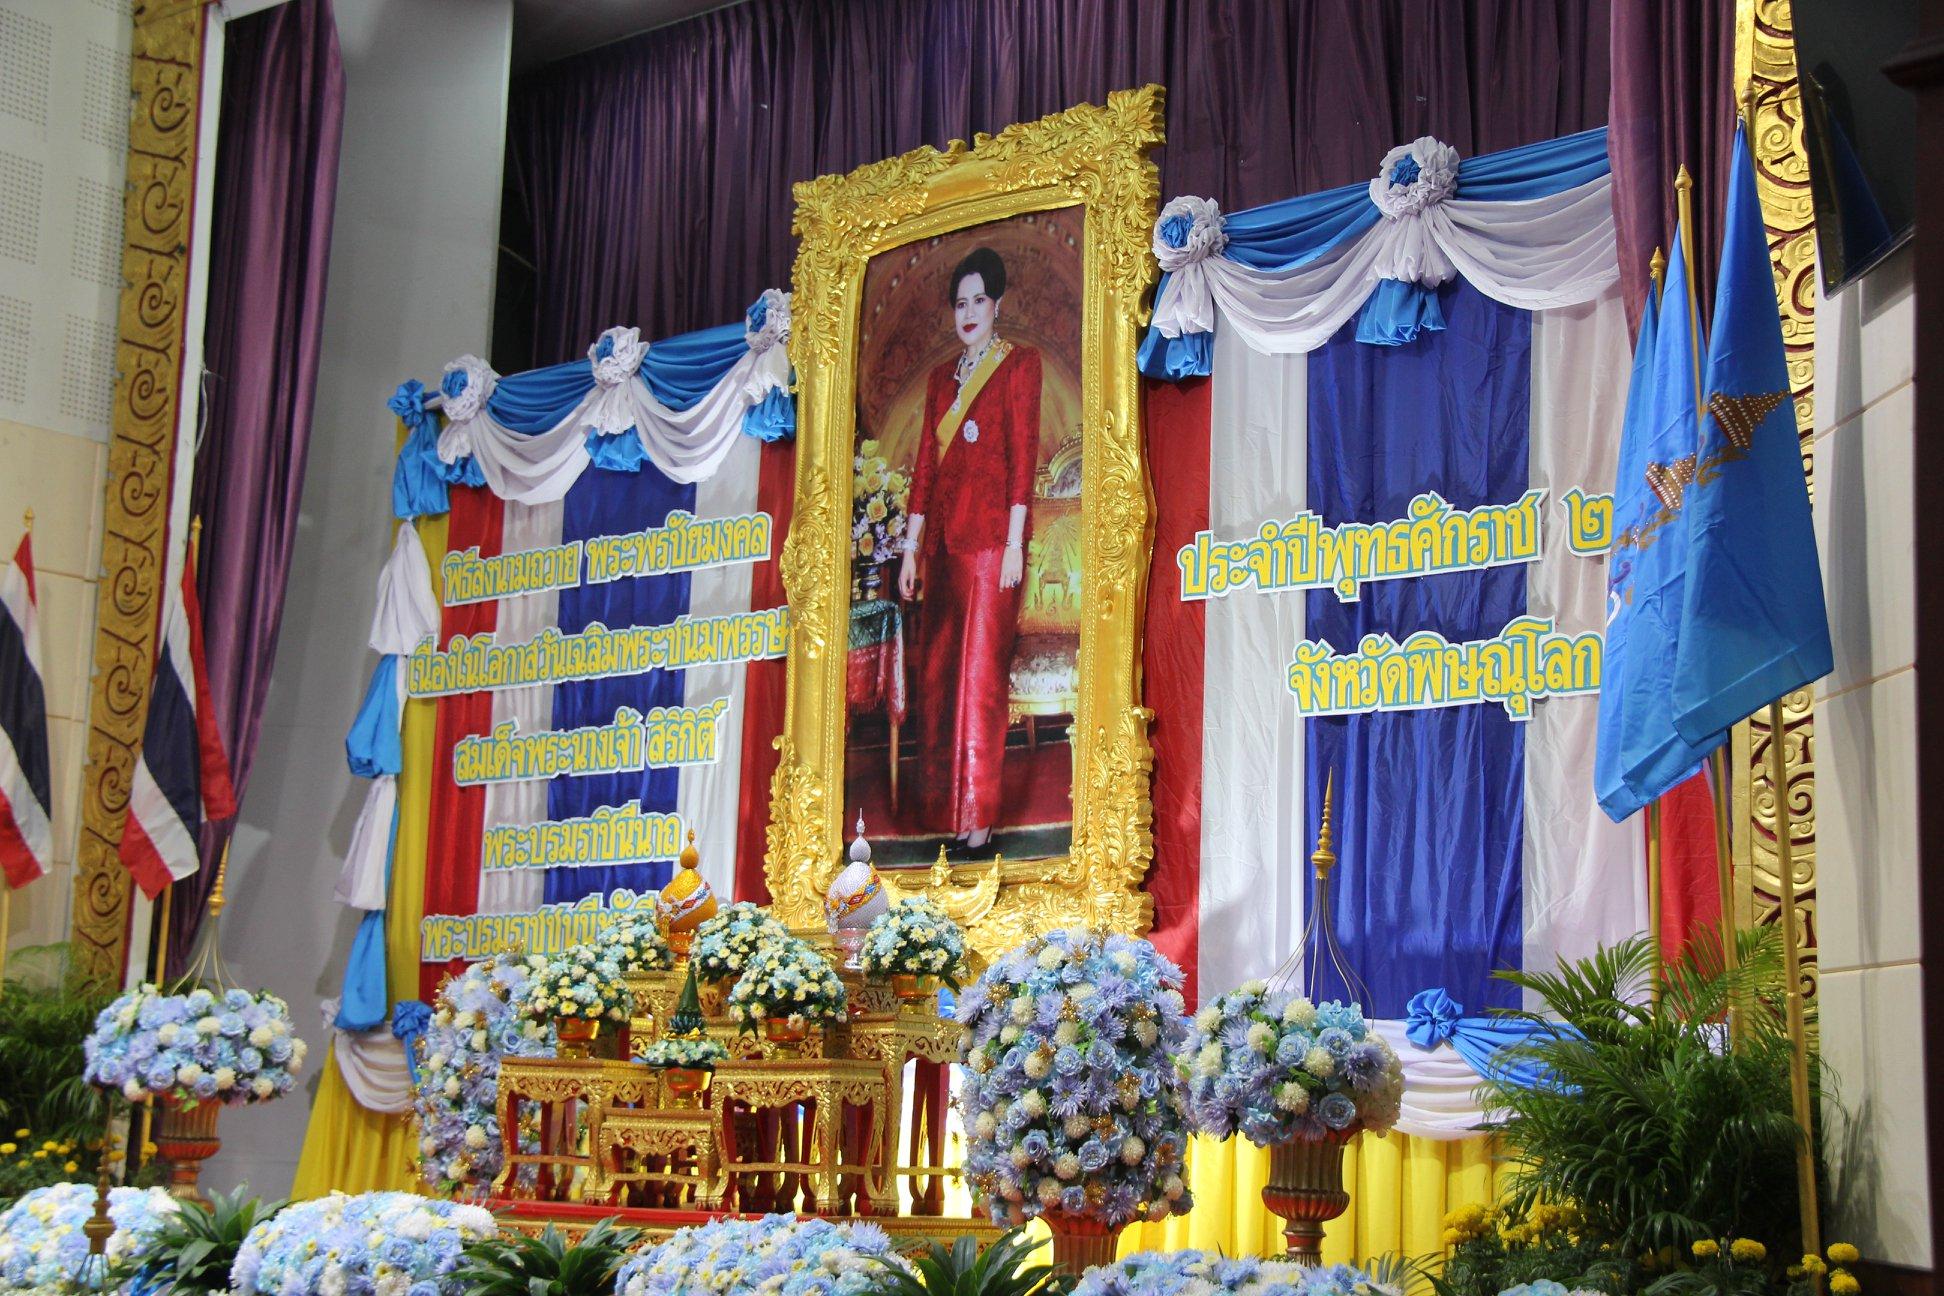 วันเฉลิมพระชนมพรรษา สมเด็จพระนางเจ้าสิริกิติ์ พระบรมราชินีนาถ พระบรมราชชนนีพันปีหลวง